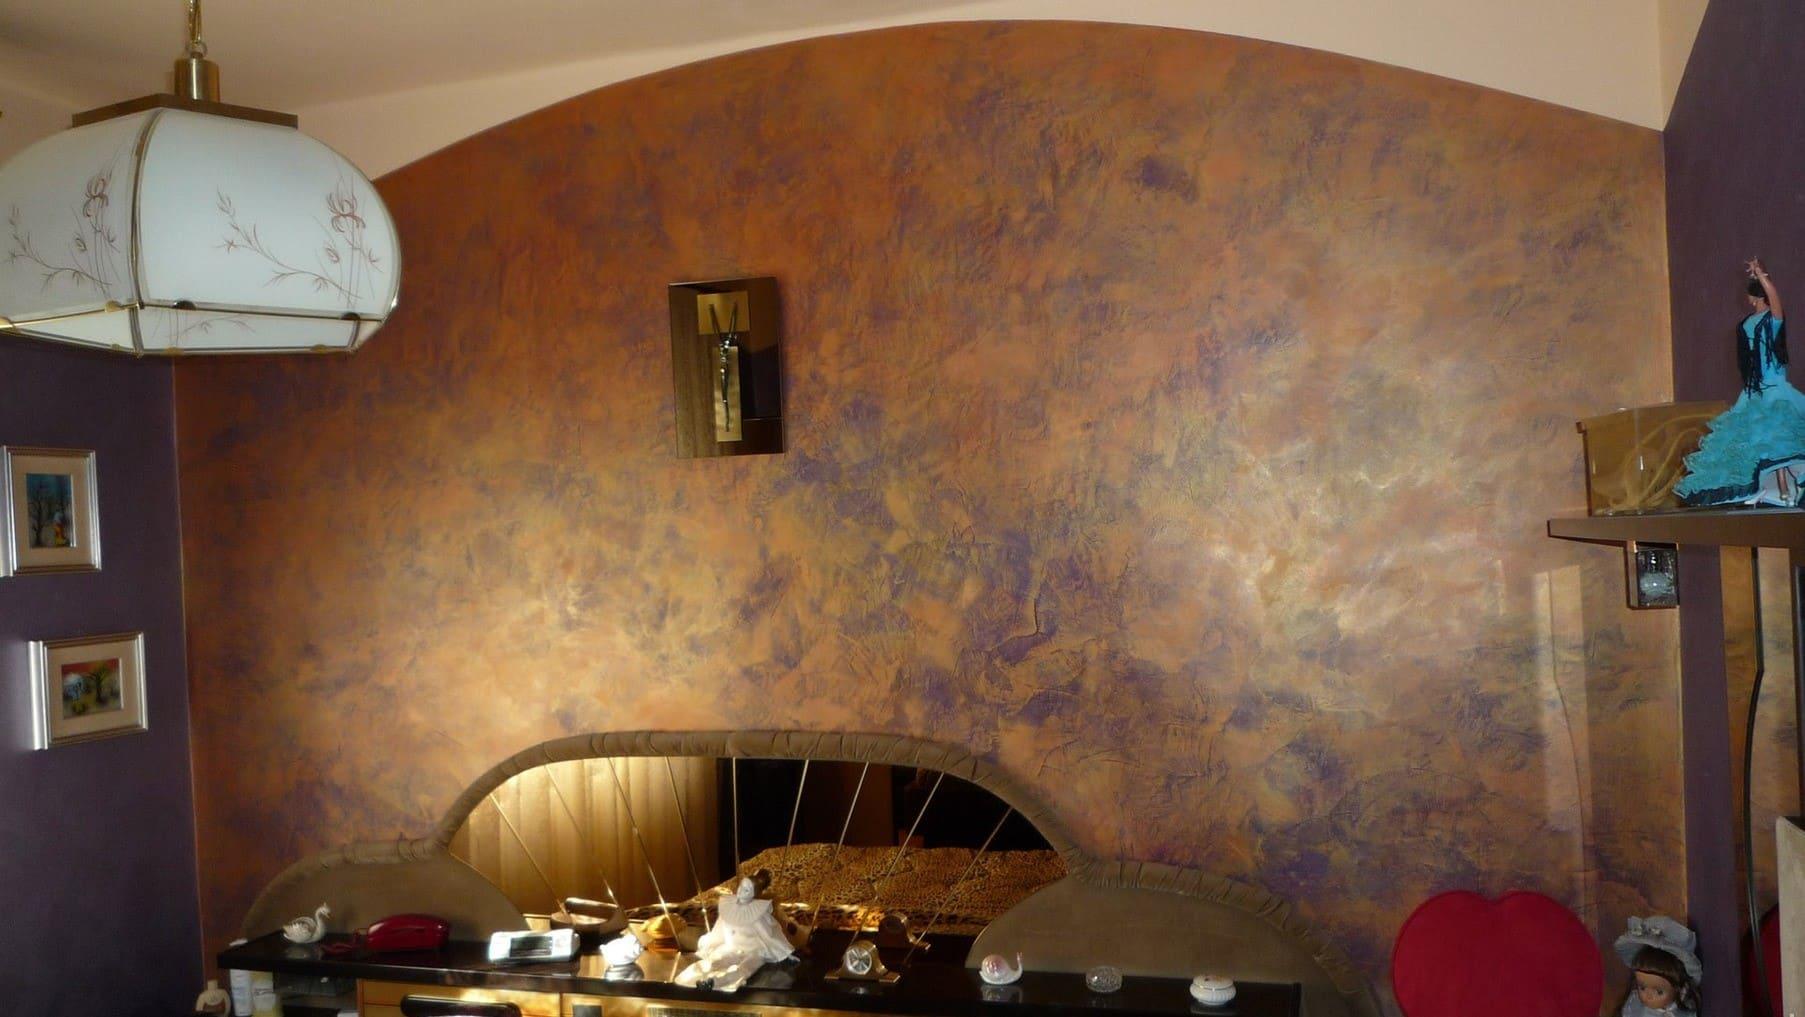 Декоративная штукатурка - лучшие красивые варианты отделки стен в интерьере 087